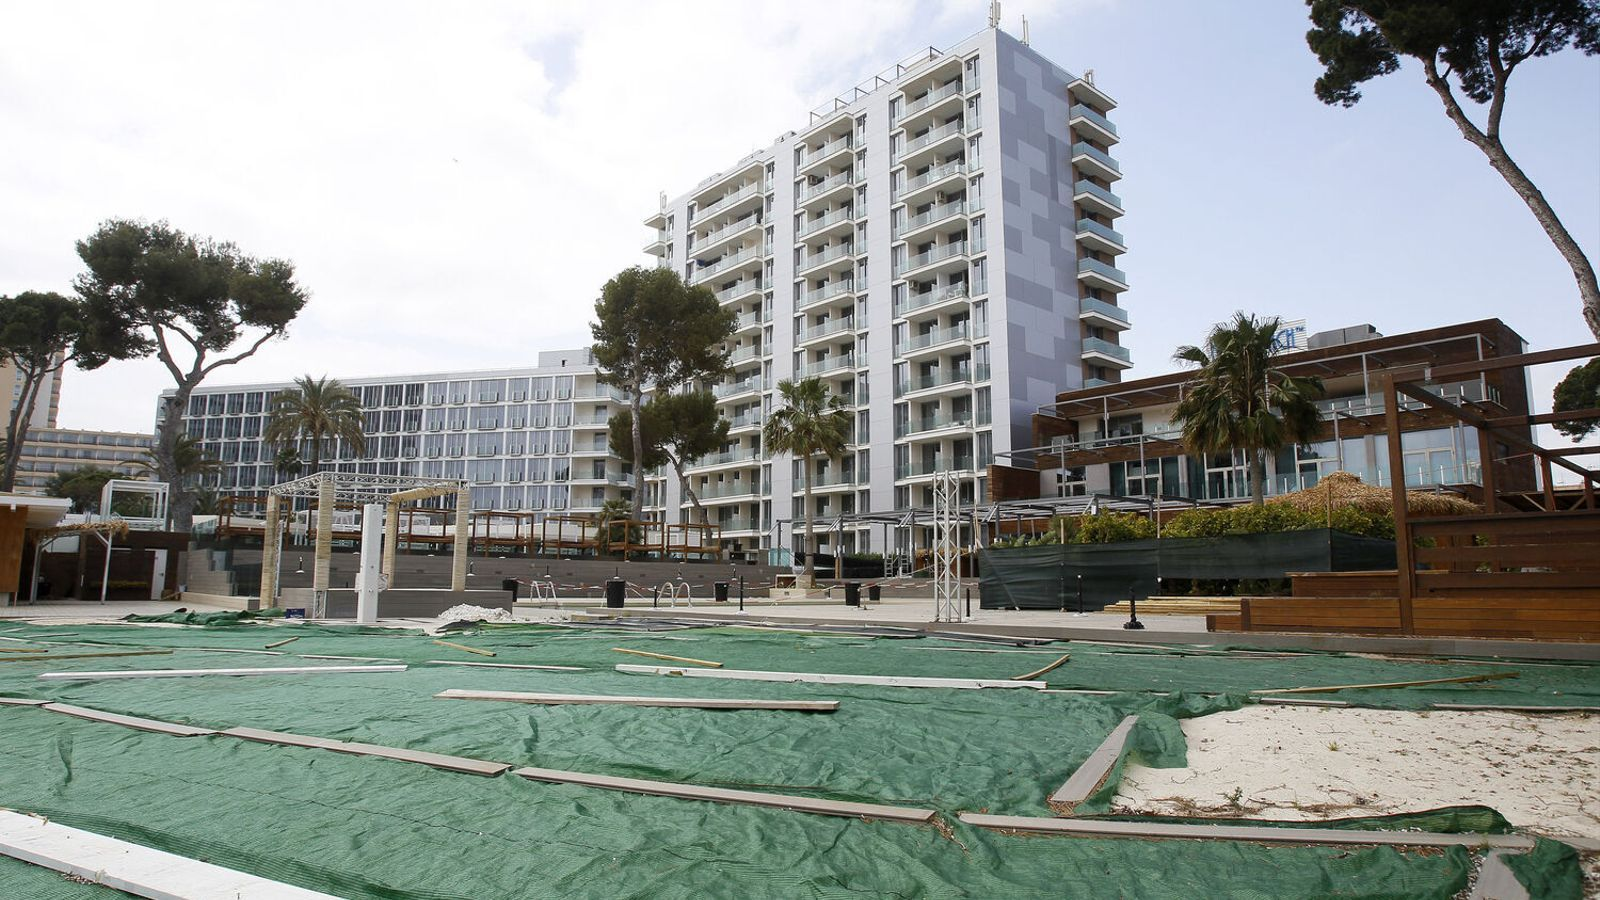 El Pacte acorda reduir d'un 15% a un 10% l'ampliació dels hotels del decret de reactivació econòmica